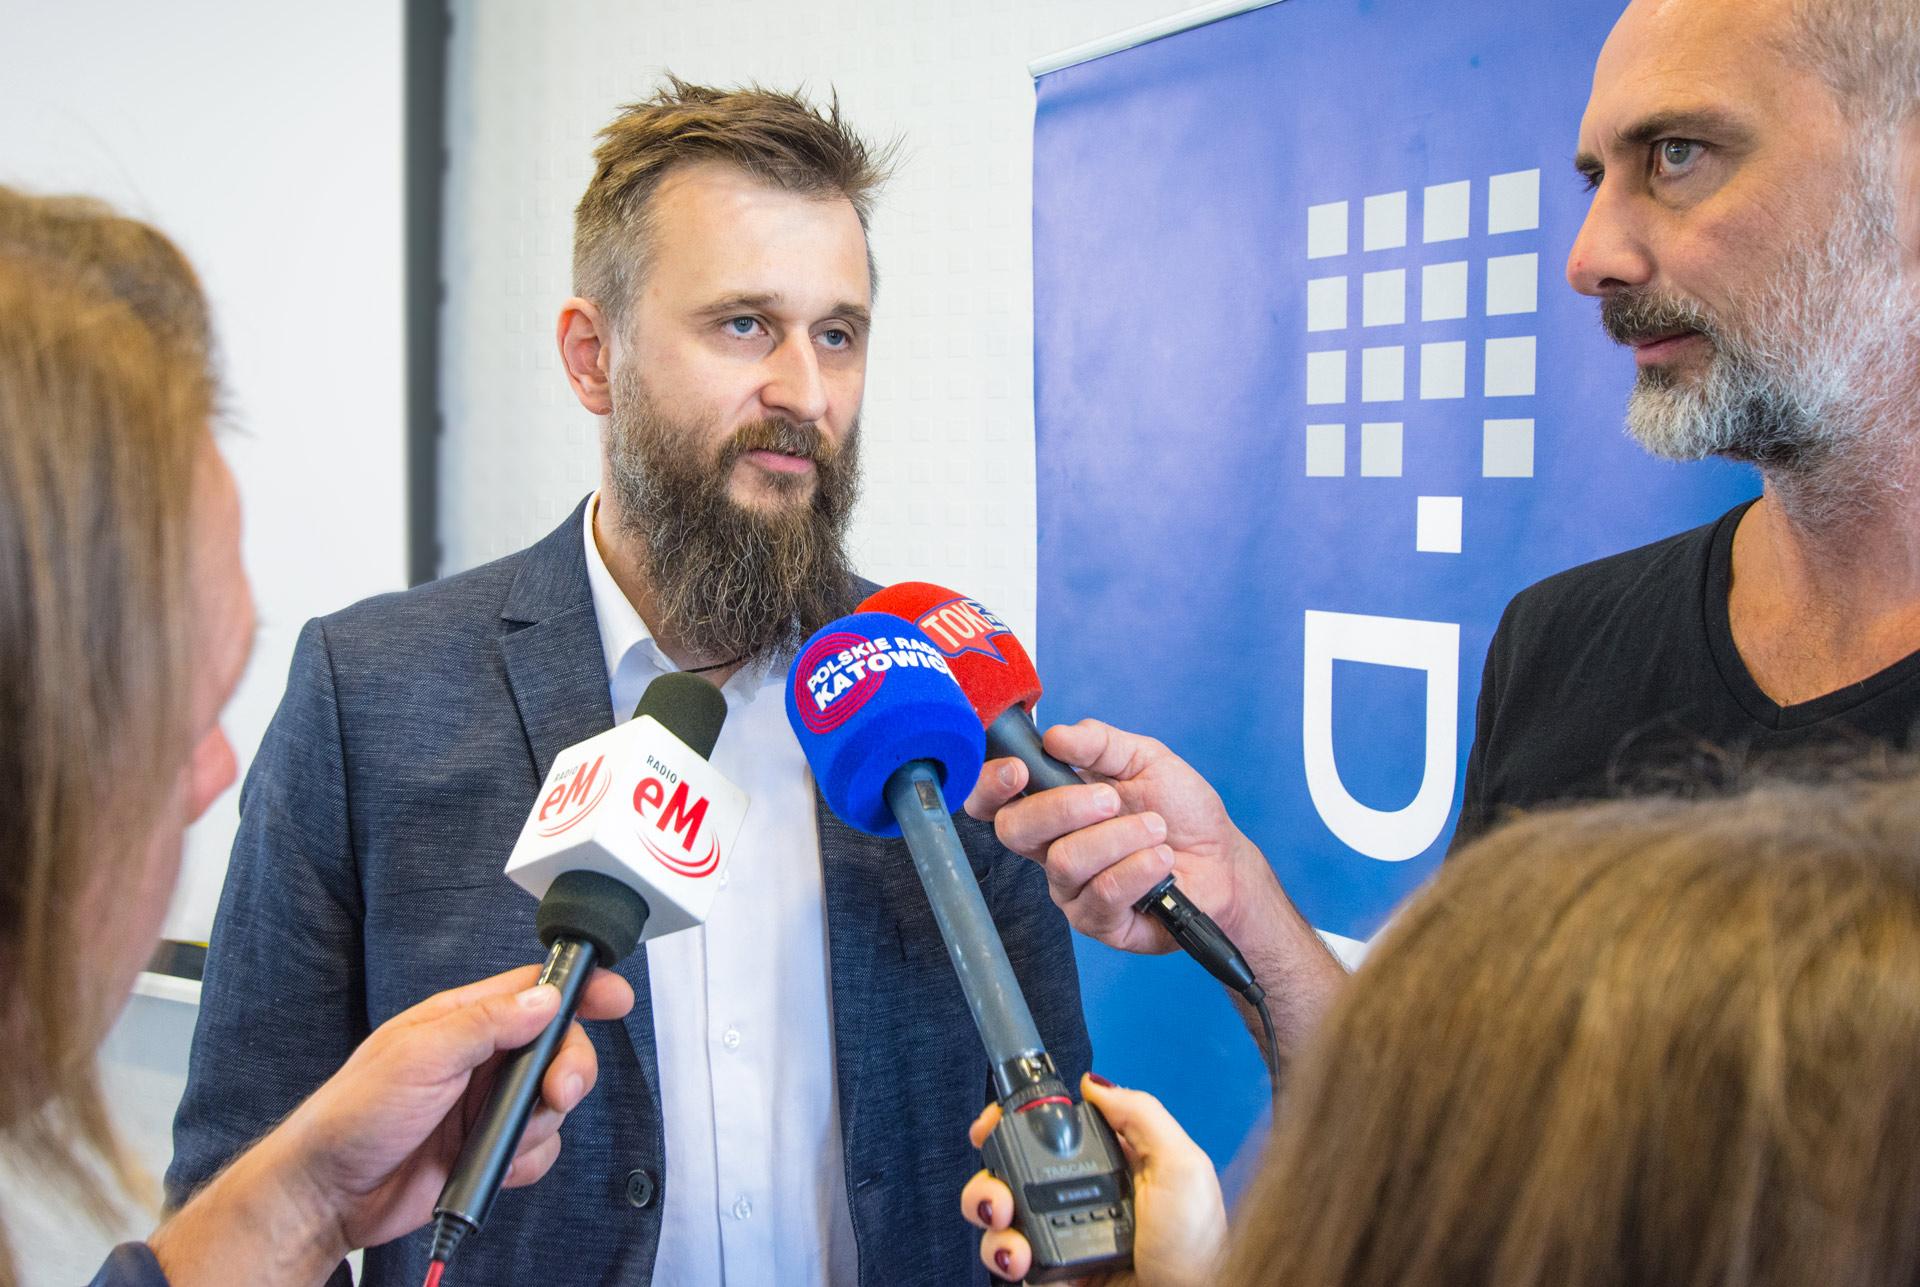 Powstanie największy system Dynamicznej Informacji Pasażerskiej w Polsce - mówi Paweł Kryszak, członek Zarządu firmy Dysten, która wygrała przetarg